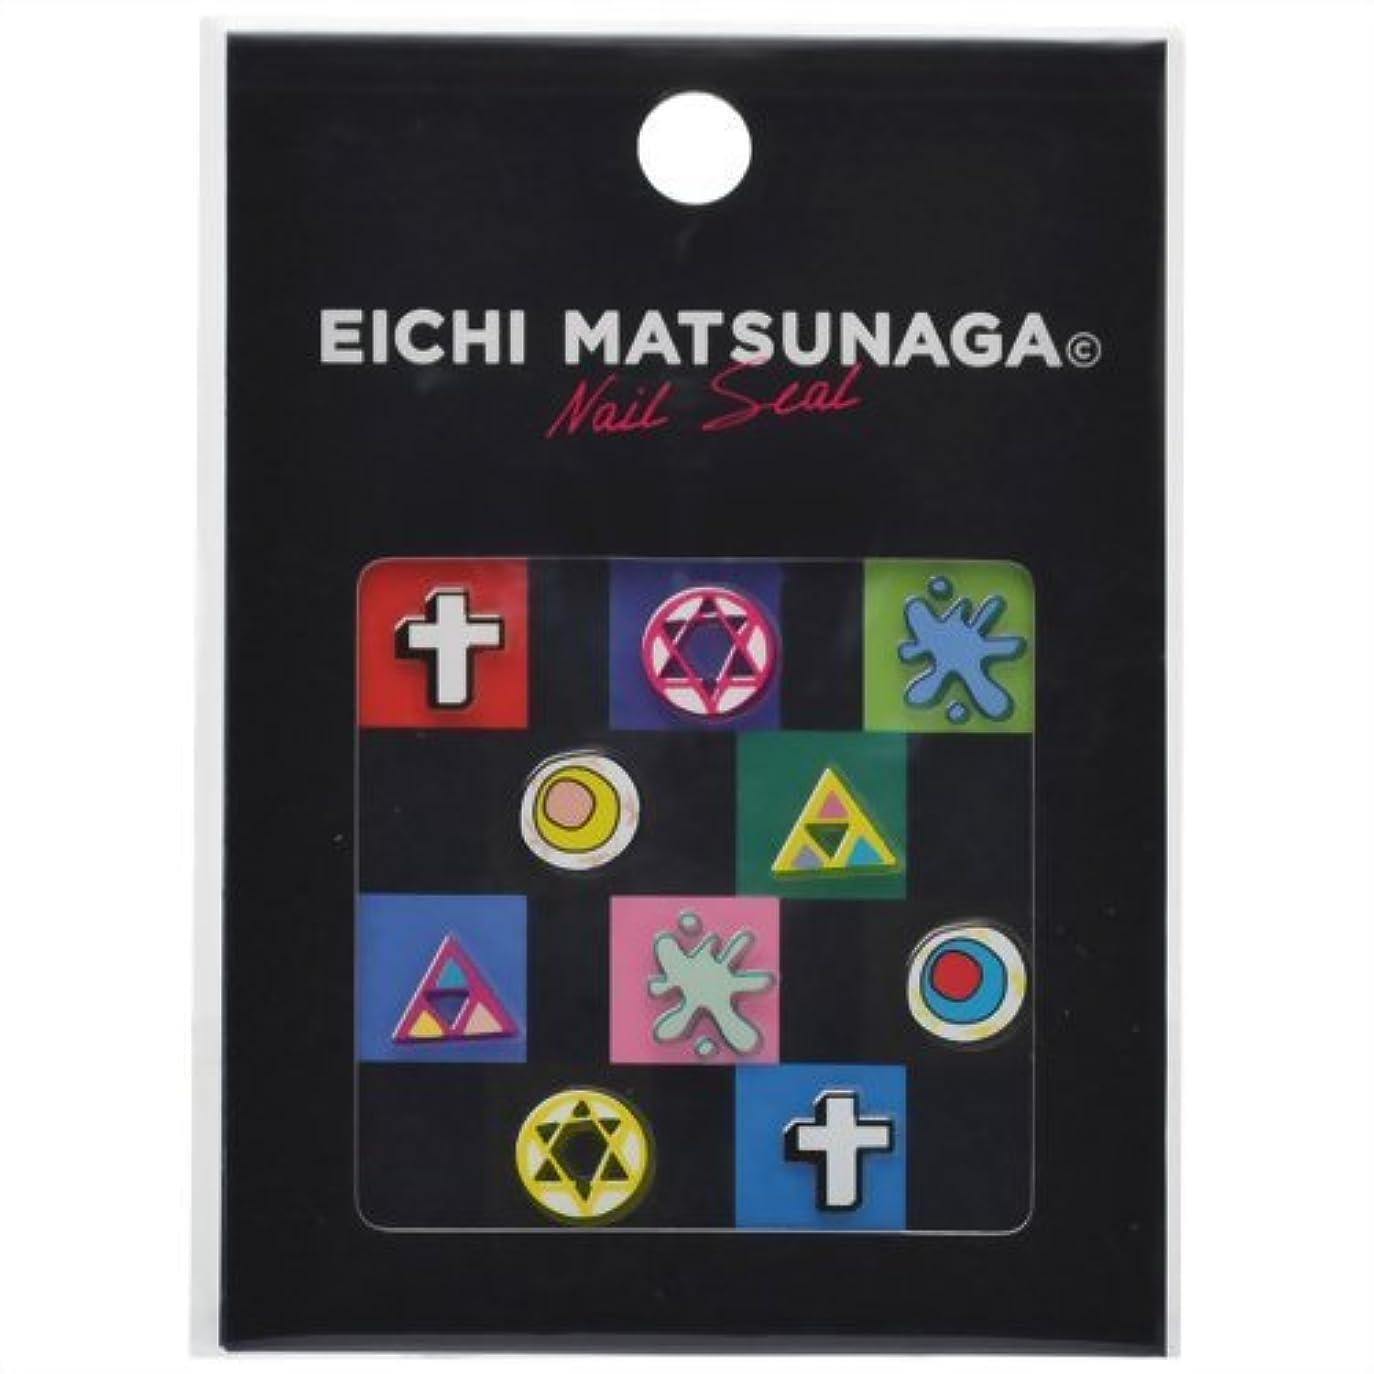 アライメントパイプライントーストウイングビート EICHI MATSUNAGA nail seal EICHI/S-004